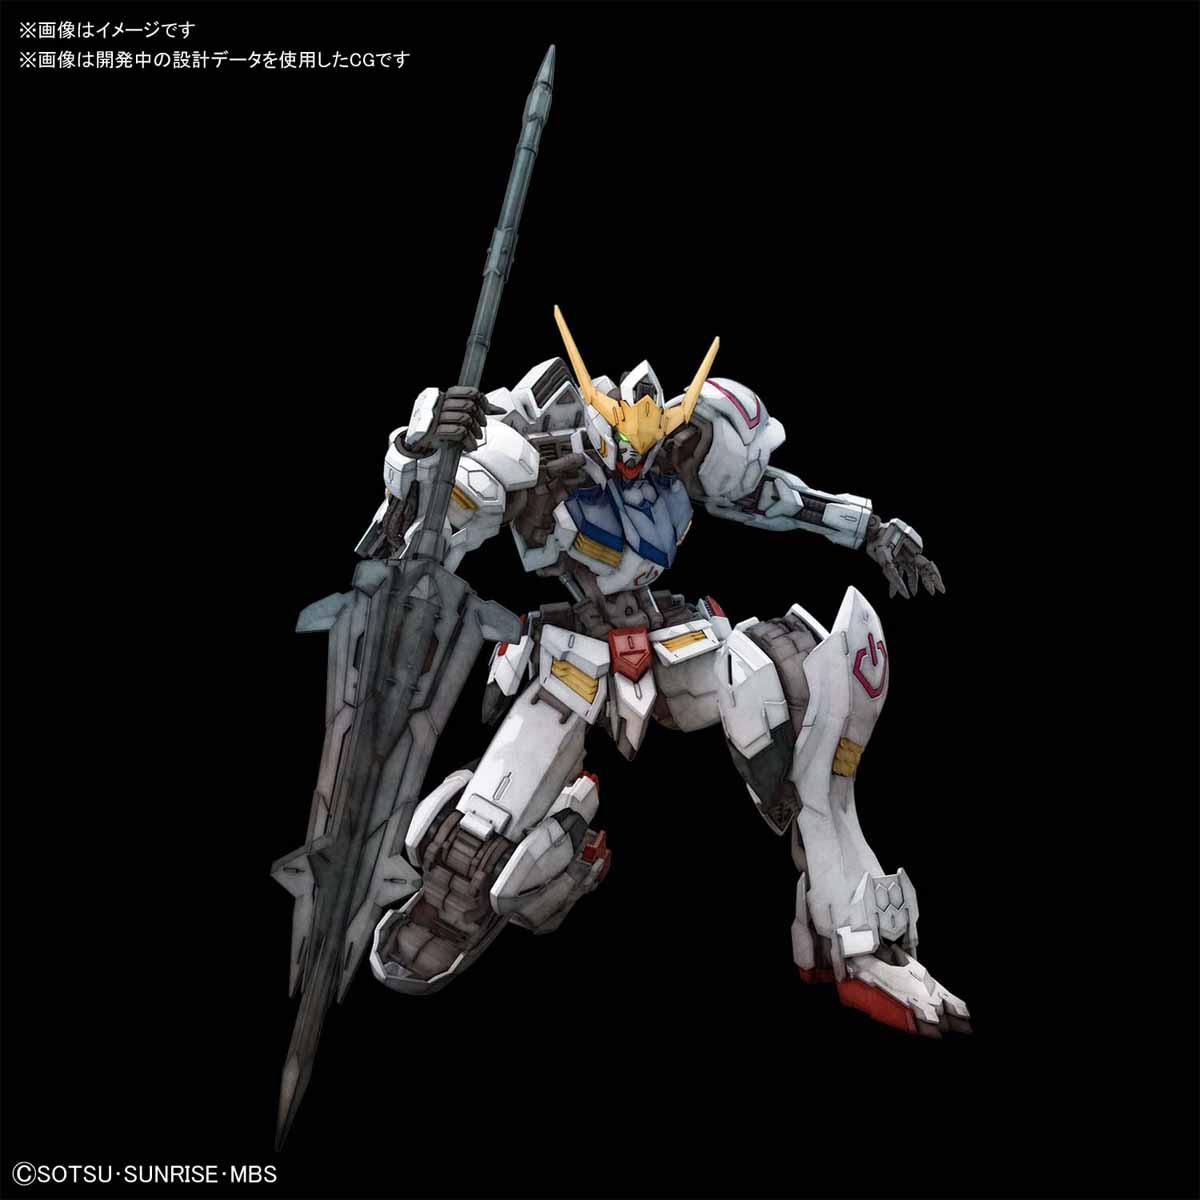 日本萬代模型玩具公司BANDAI SPIRITS 推出《機動戰士鋼彈 鐵血孤兒》的人氣主角機 ASW-G-08 獵魔鋼彈 MG 1/100 比例組裝模型!